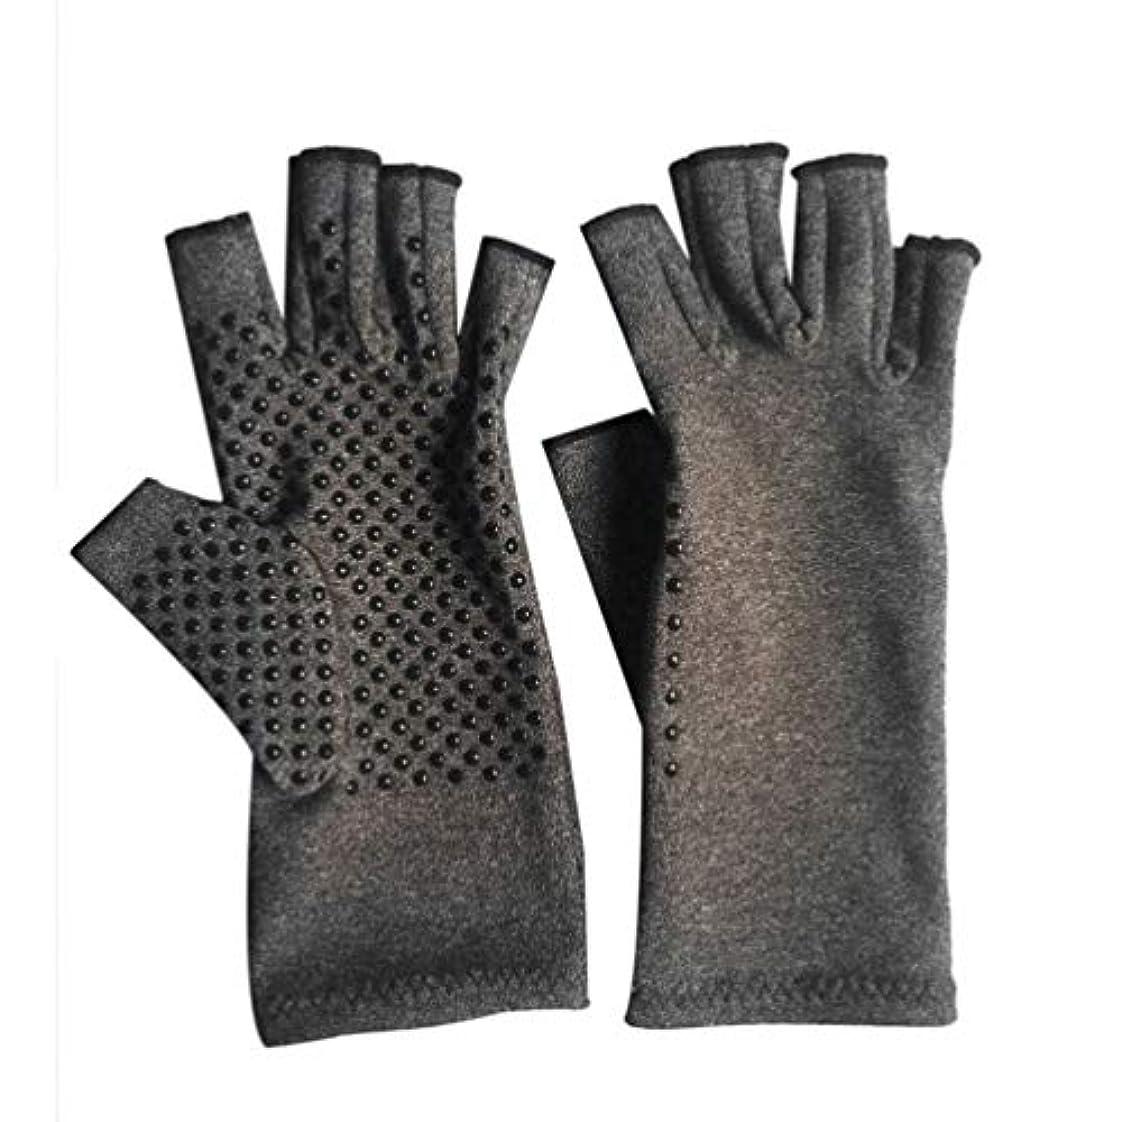 韓国民間パス1ペアユニセックス男性女性療法圧縮手袋関節炎関節痛緩和ヘルスケア半指手袋トレーニング手袋 - グレーM